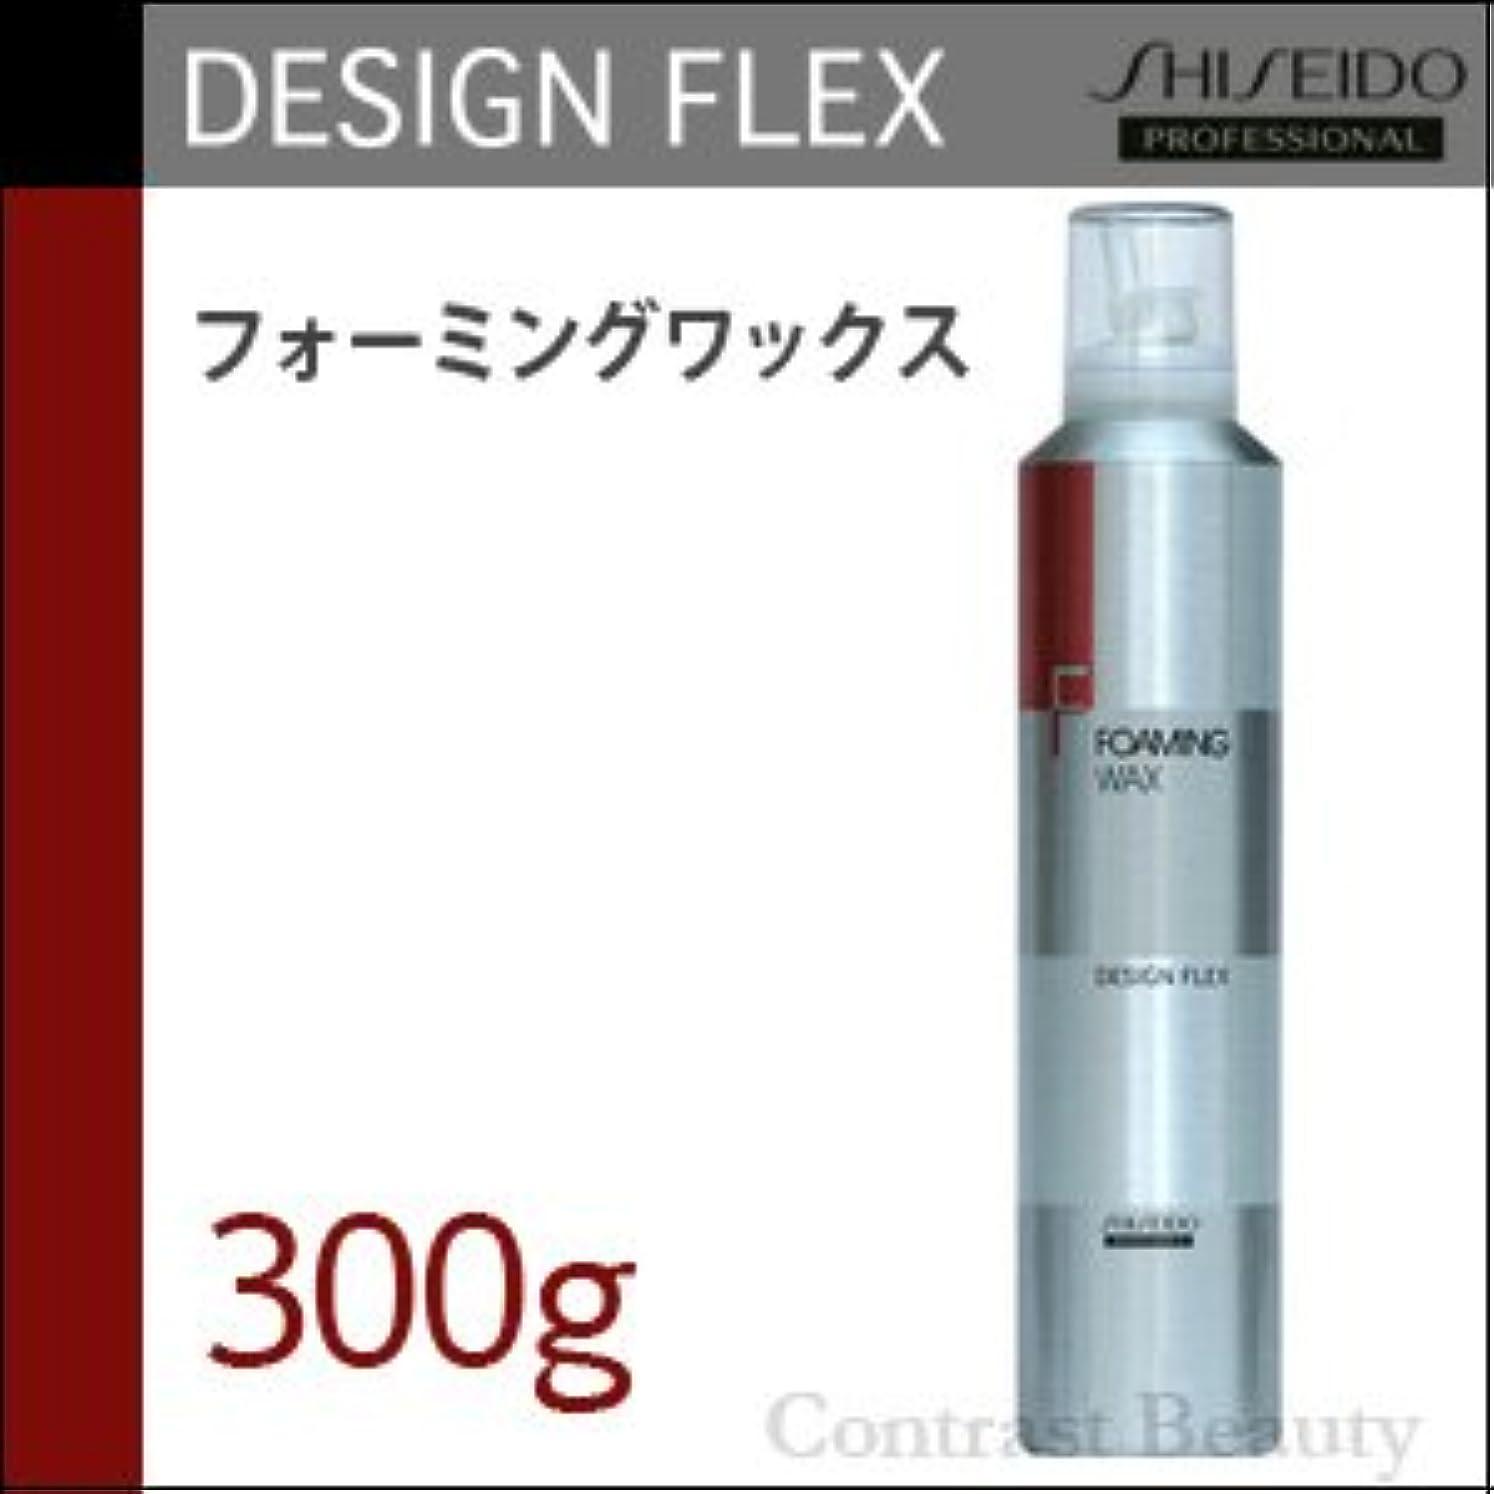 黒板鉛筆そうでなければ【x5個セット】 資生堂 デザインフレックス フォーミングワックス 300g